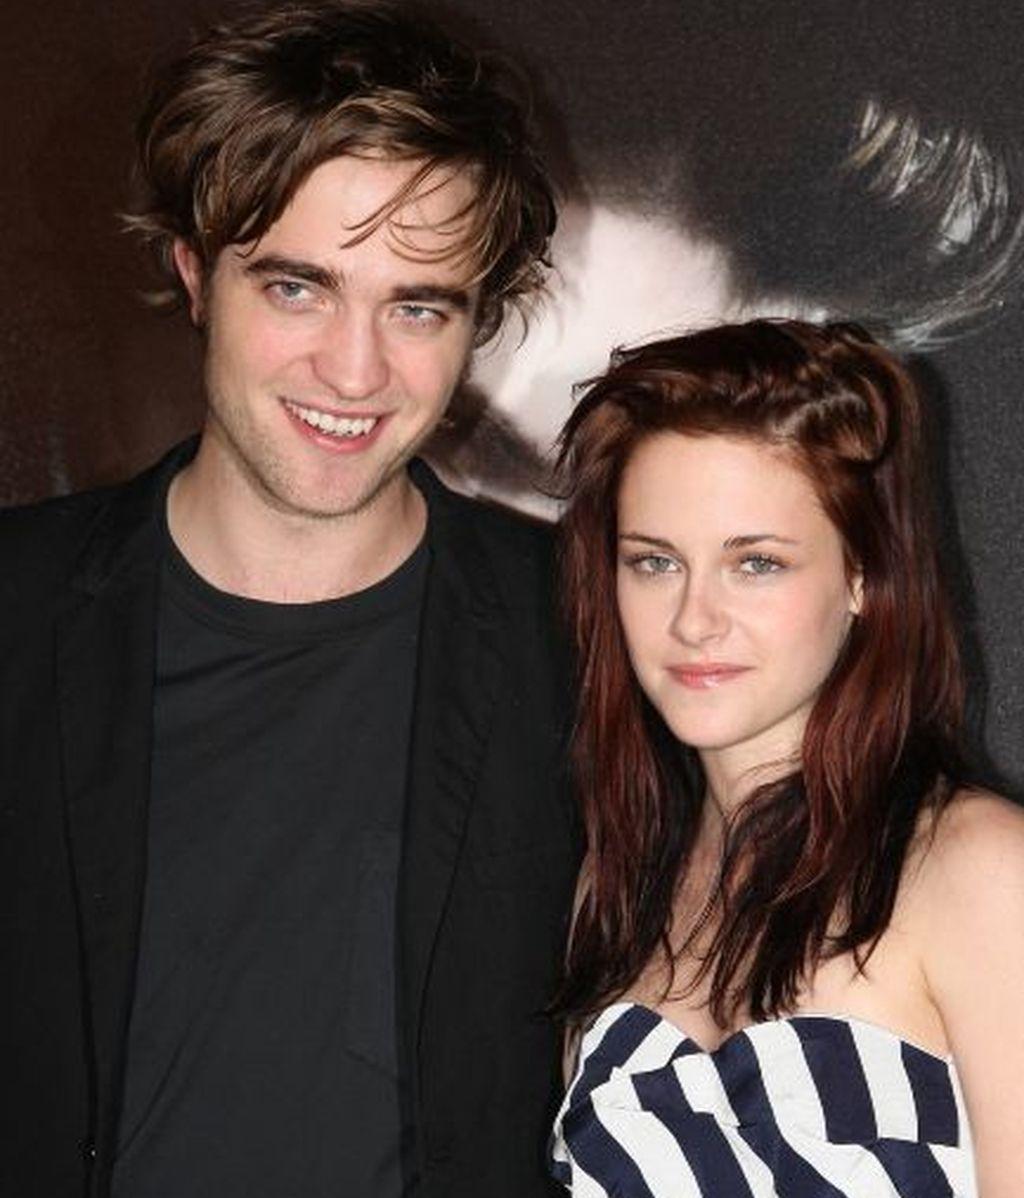 Saltó a la fama con 'Crepúsculo', donde conoció a Pattinson